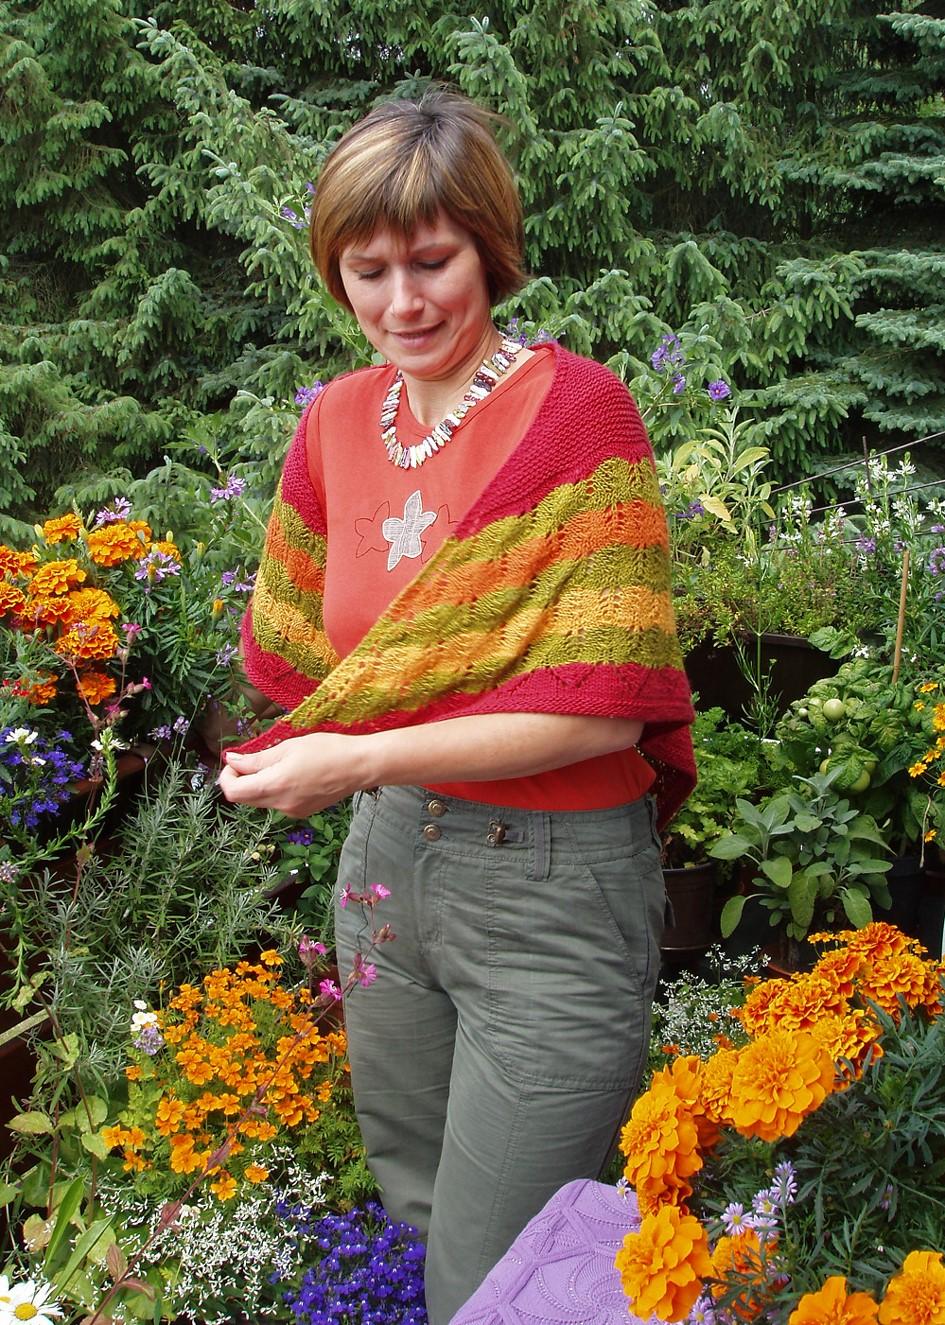 Bindetuch mit Herbstblätter-Bordüre